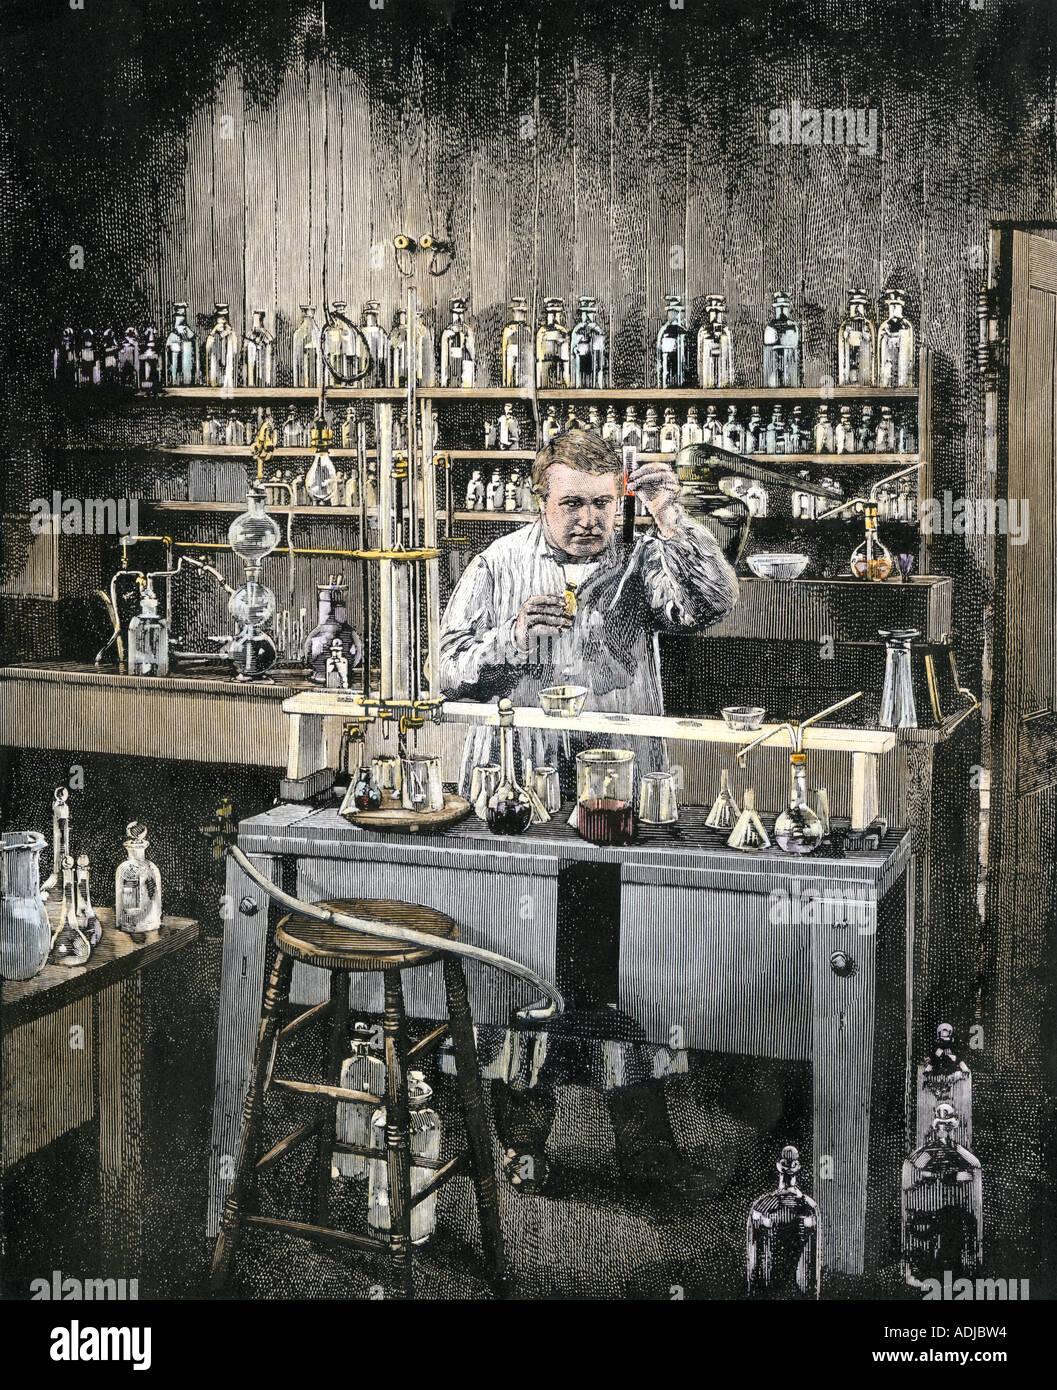 Thomas Alva Edison Stockfotos & Thomas Alva Edison Bilder